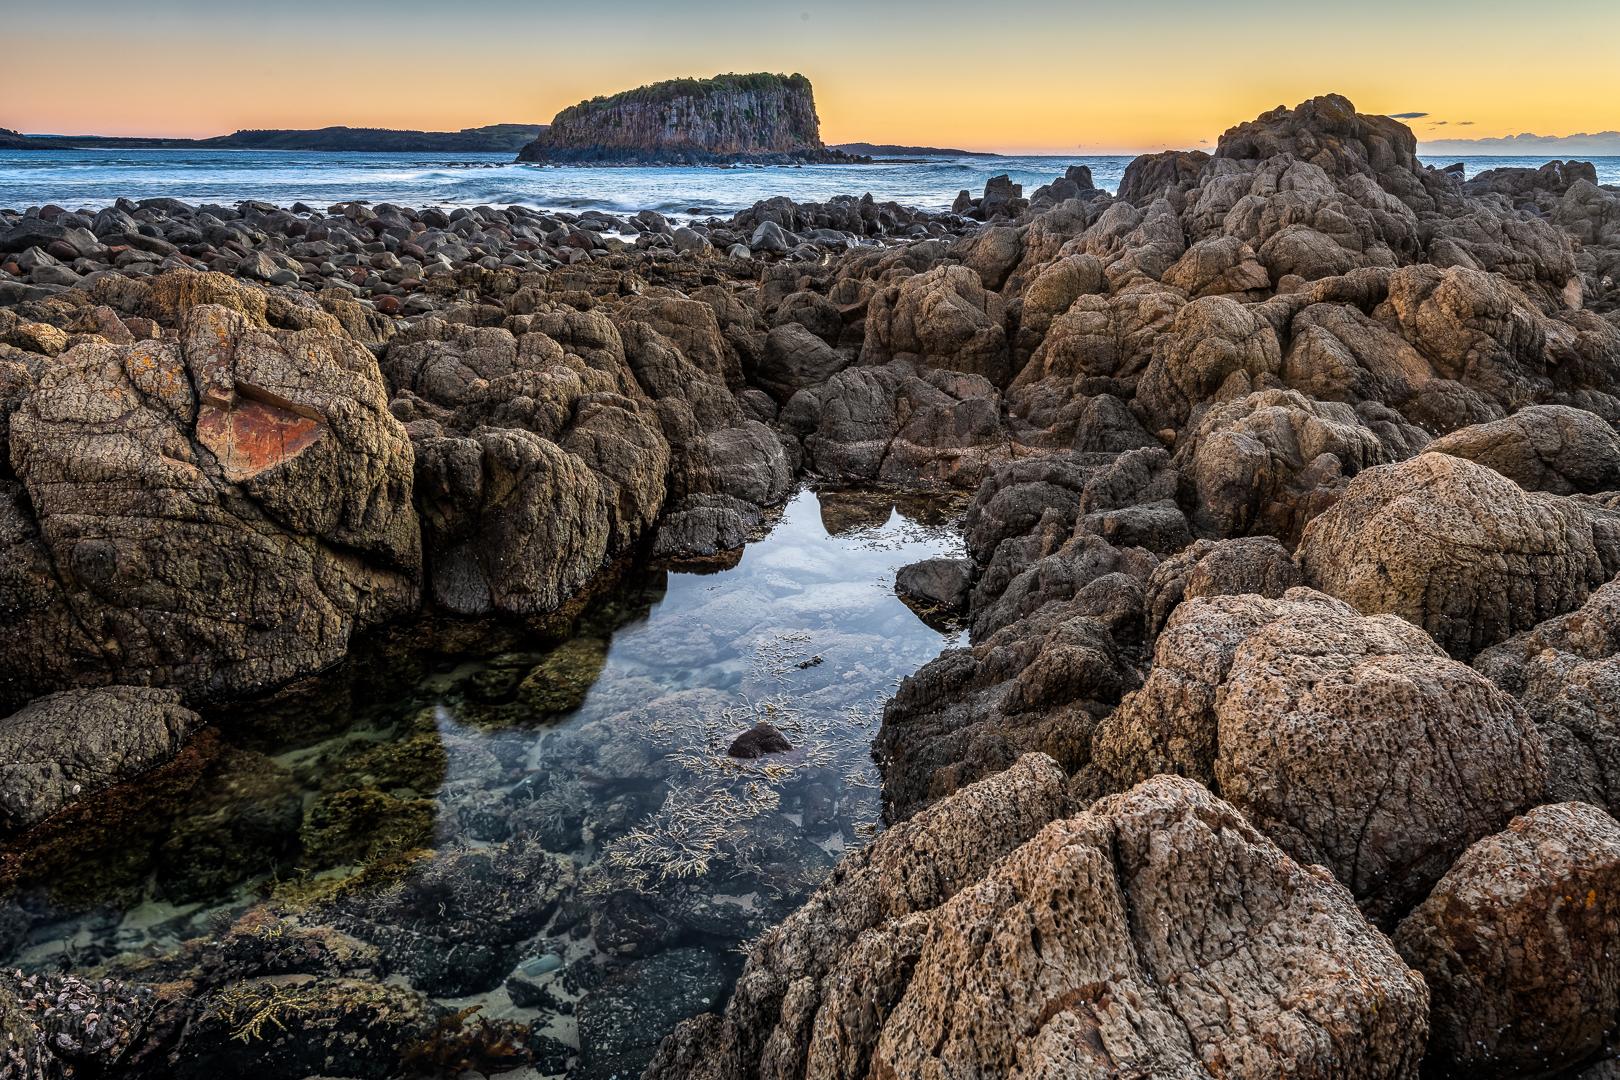 Minnamurra rocks at dawn (c) Michael Smyth 2018